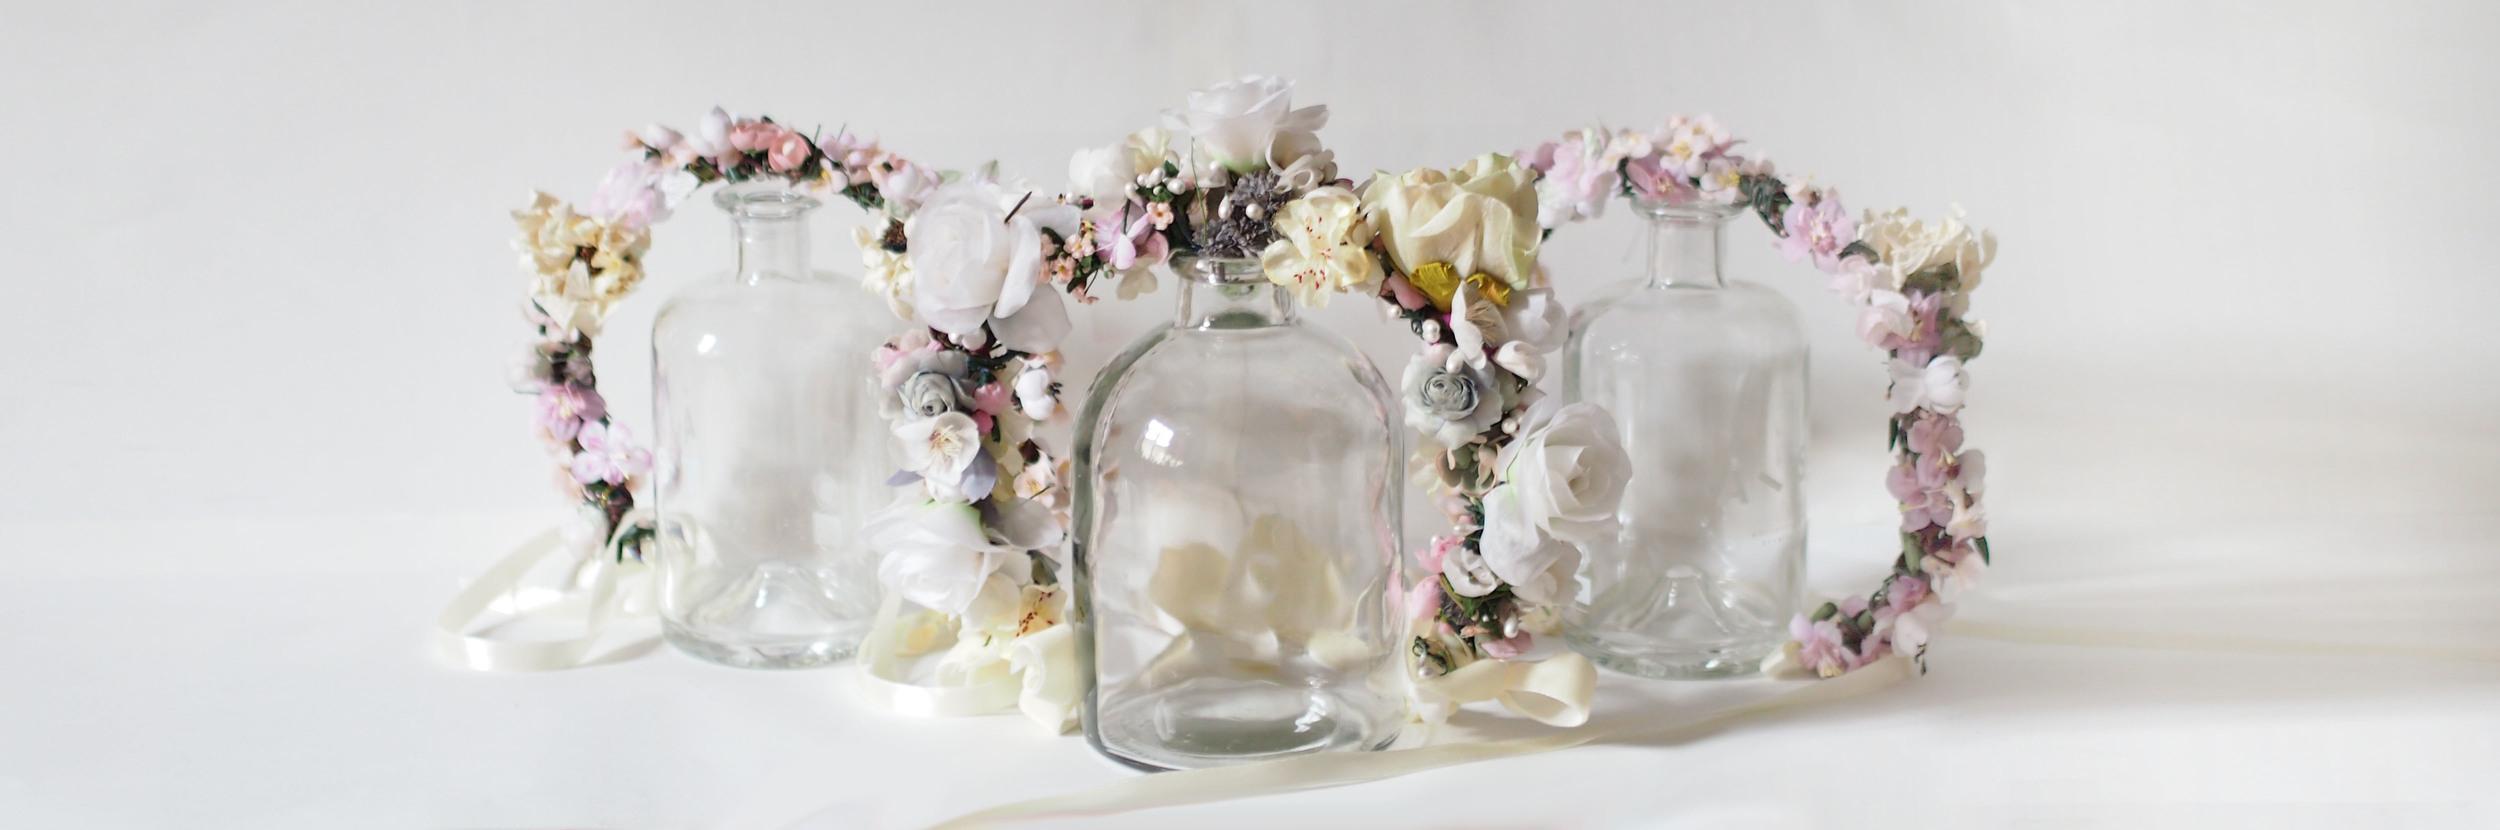 weareflowergirls-flowercrown-wedding-bride-blumenkranz-hochzeit-1.jpg